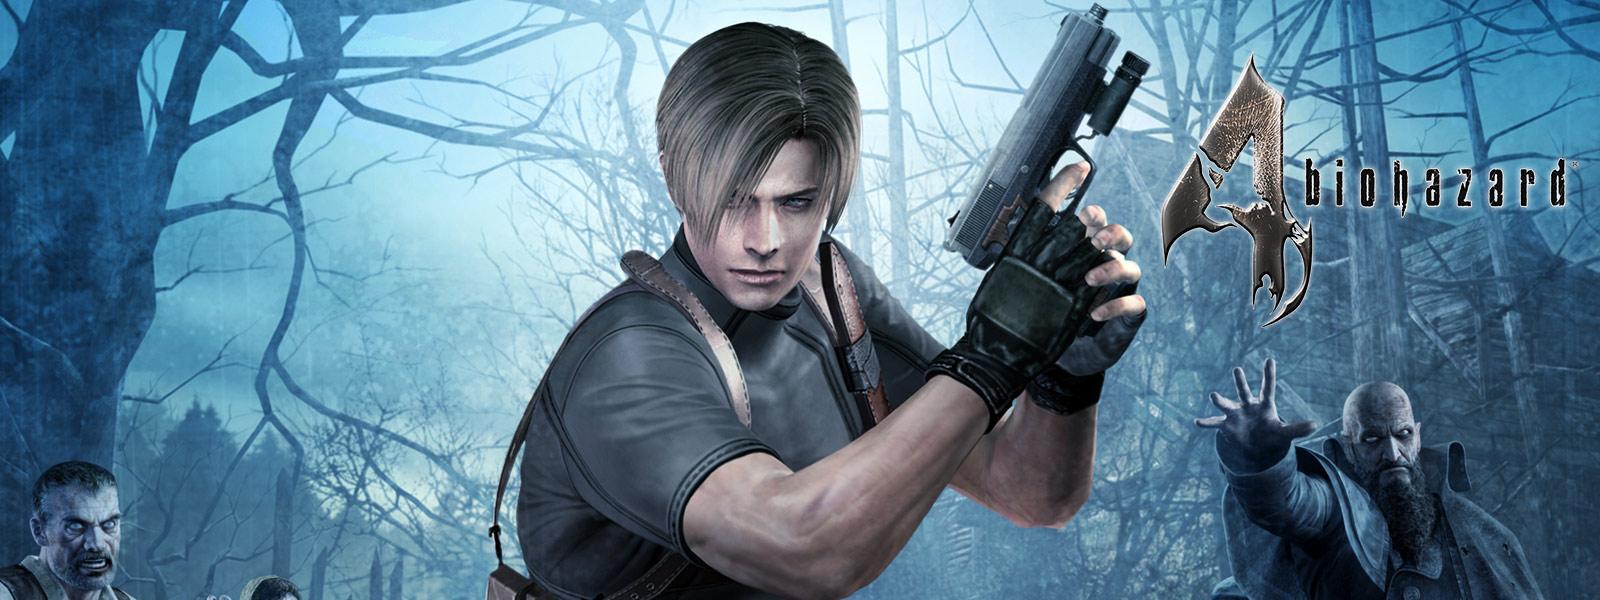 バイオハザード 4、暗い森でゾンビに囲まれて拳銃を持つキャラクター